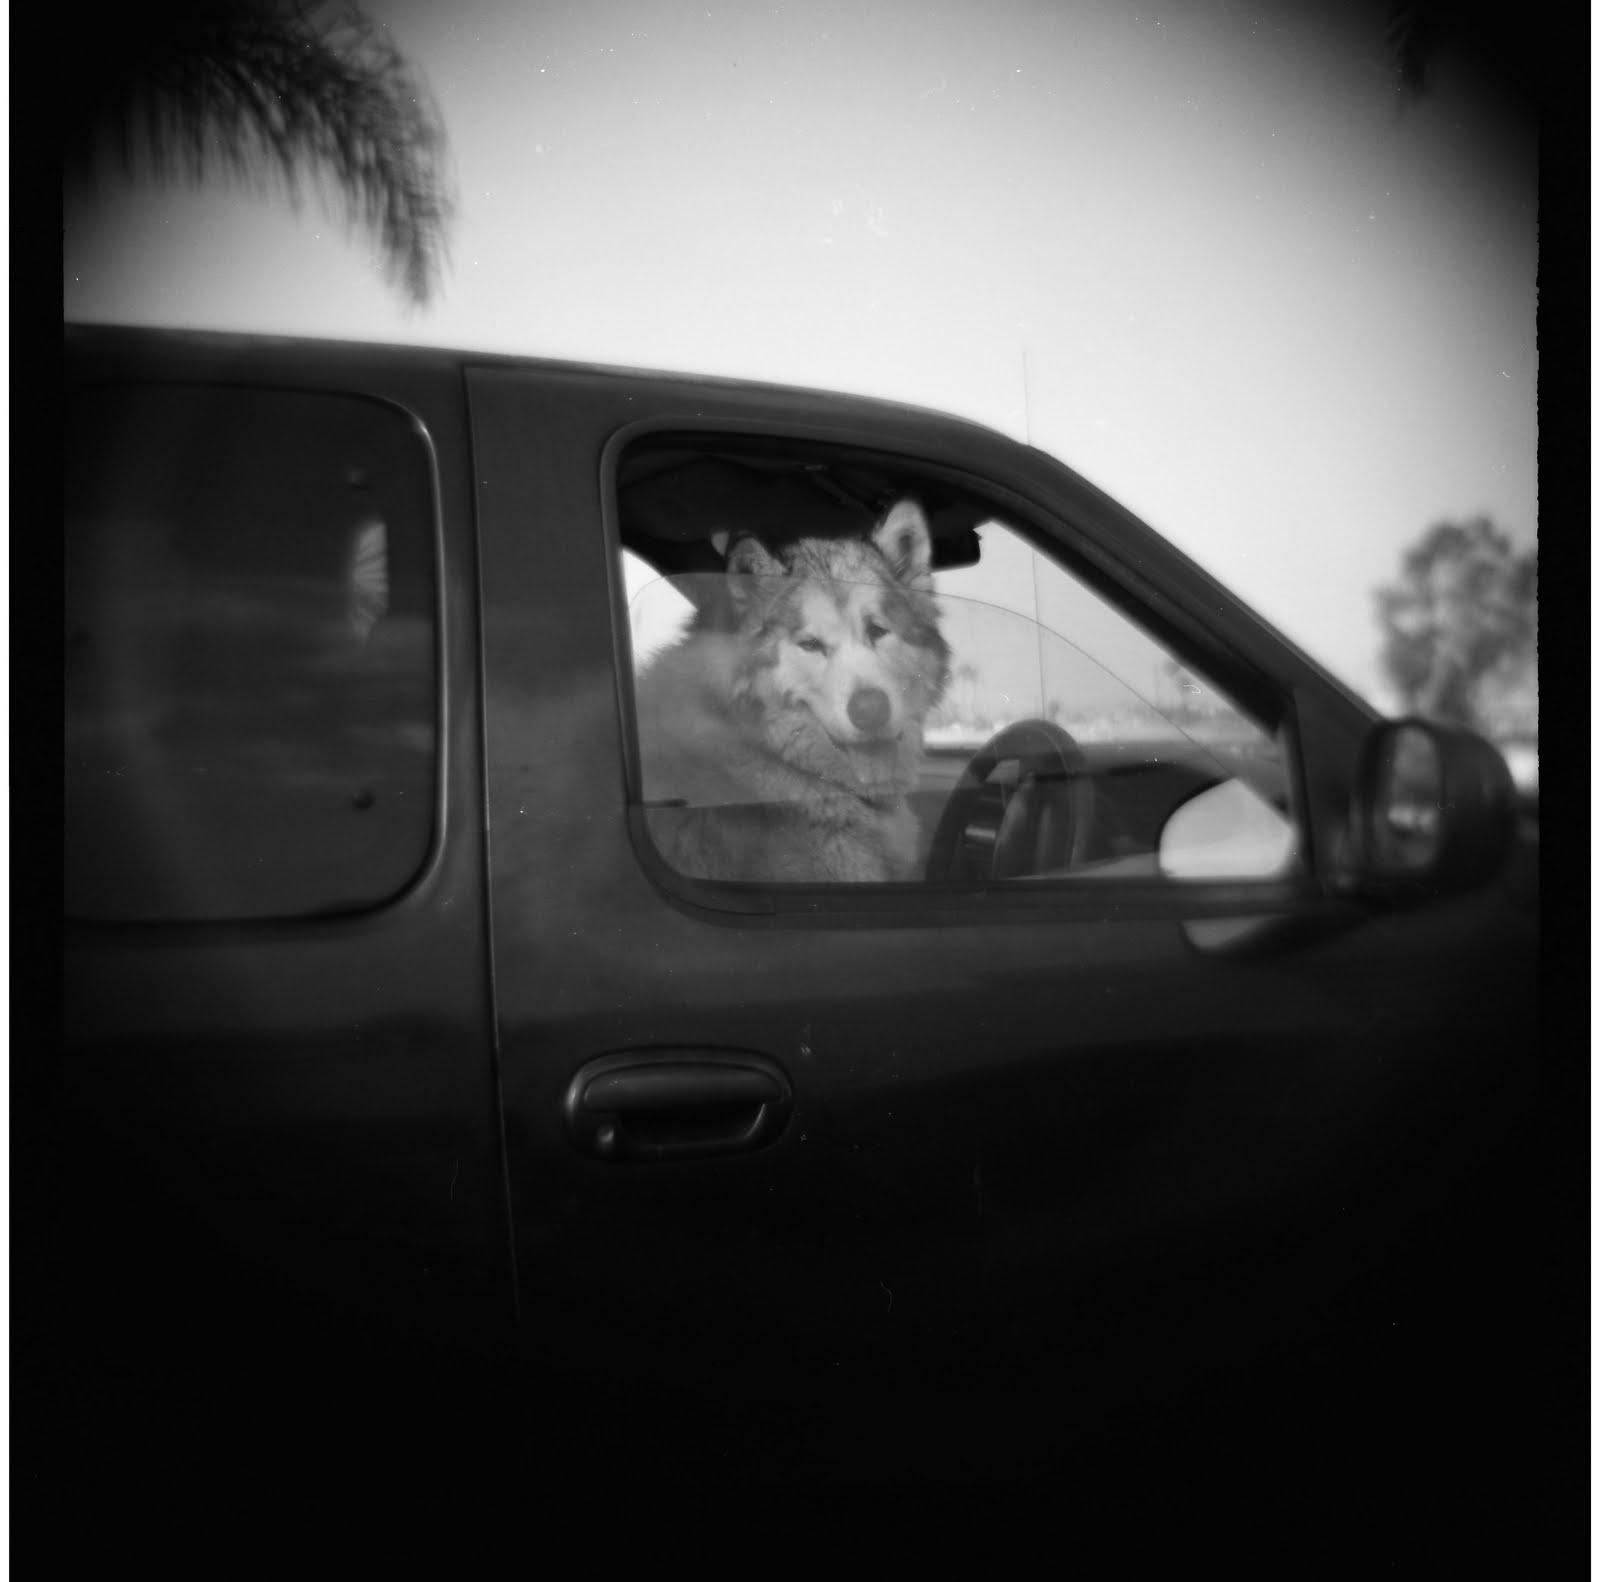 [koira+autossa]